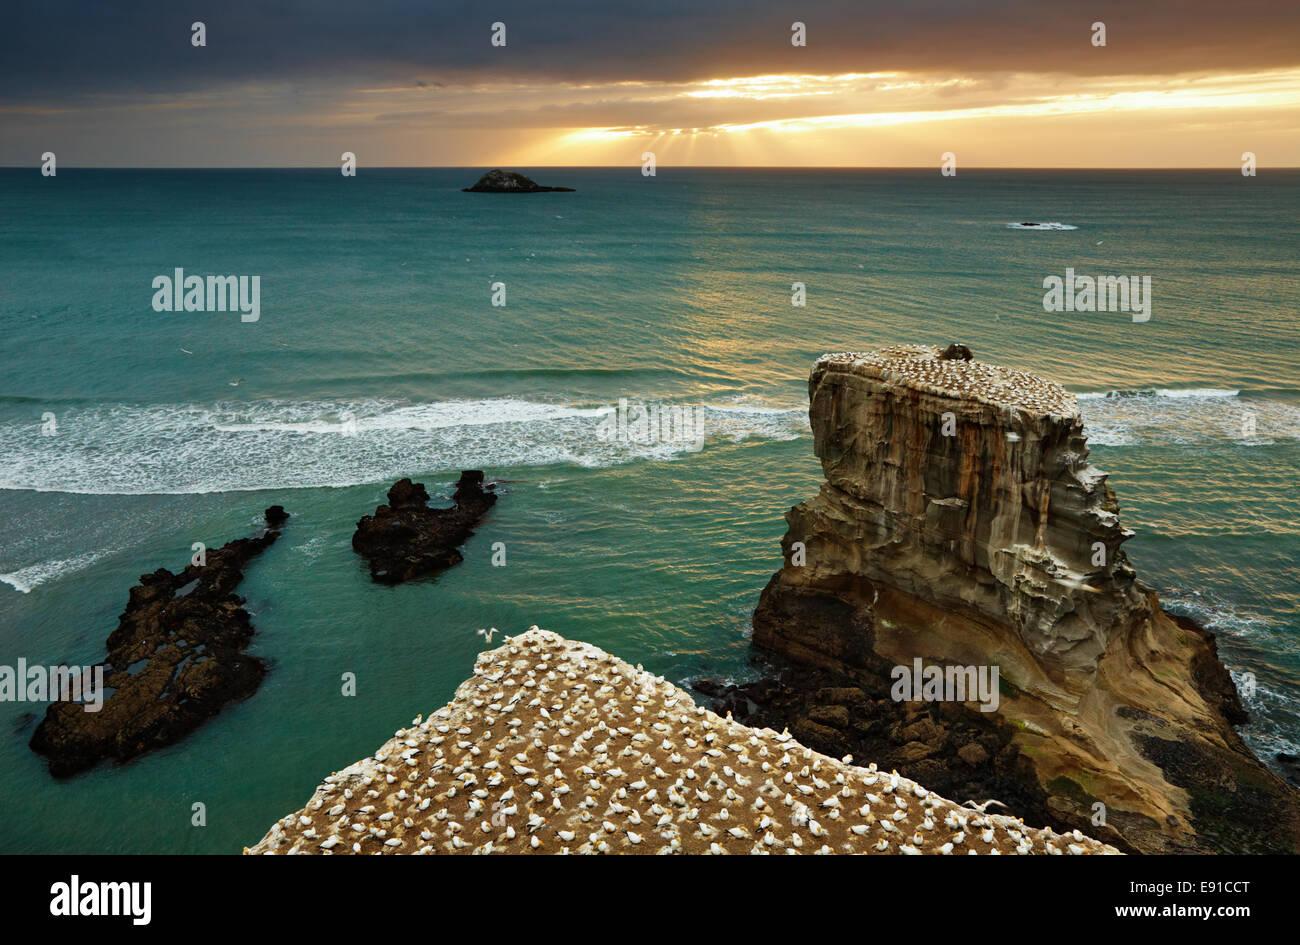 Gannett colonia, Muriwai spiaggia al tramonto, Nuova Zelanda Immagini Stock